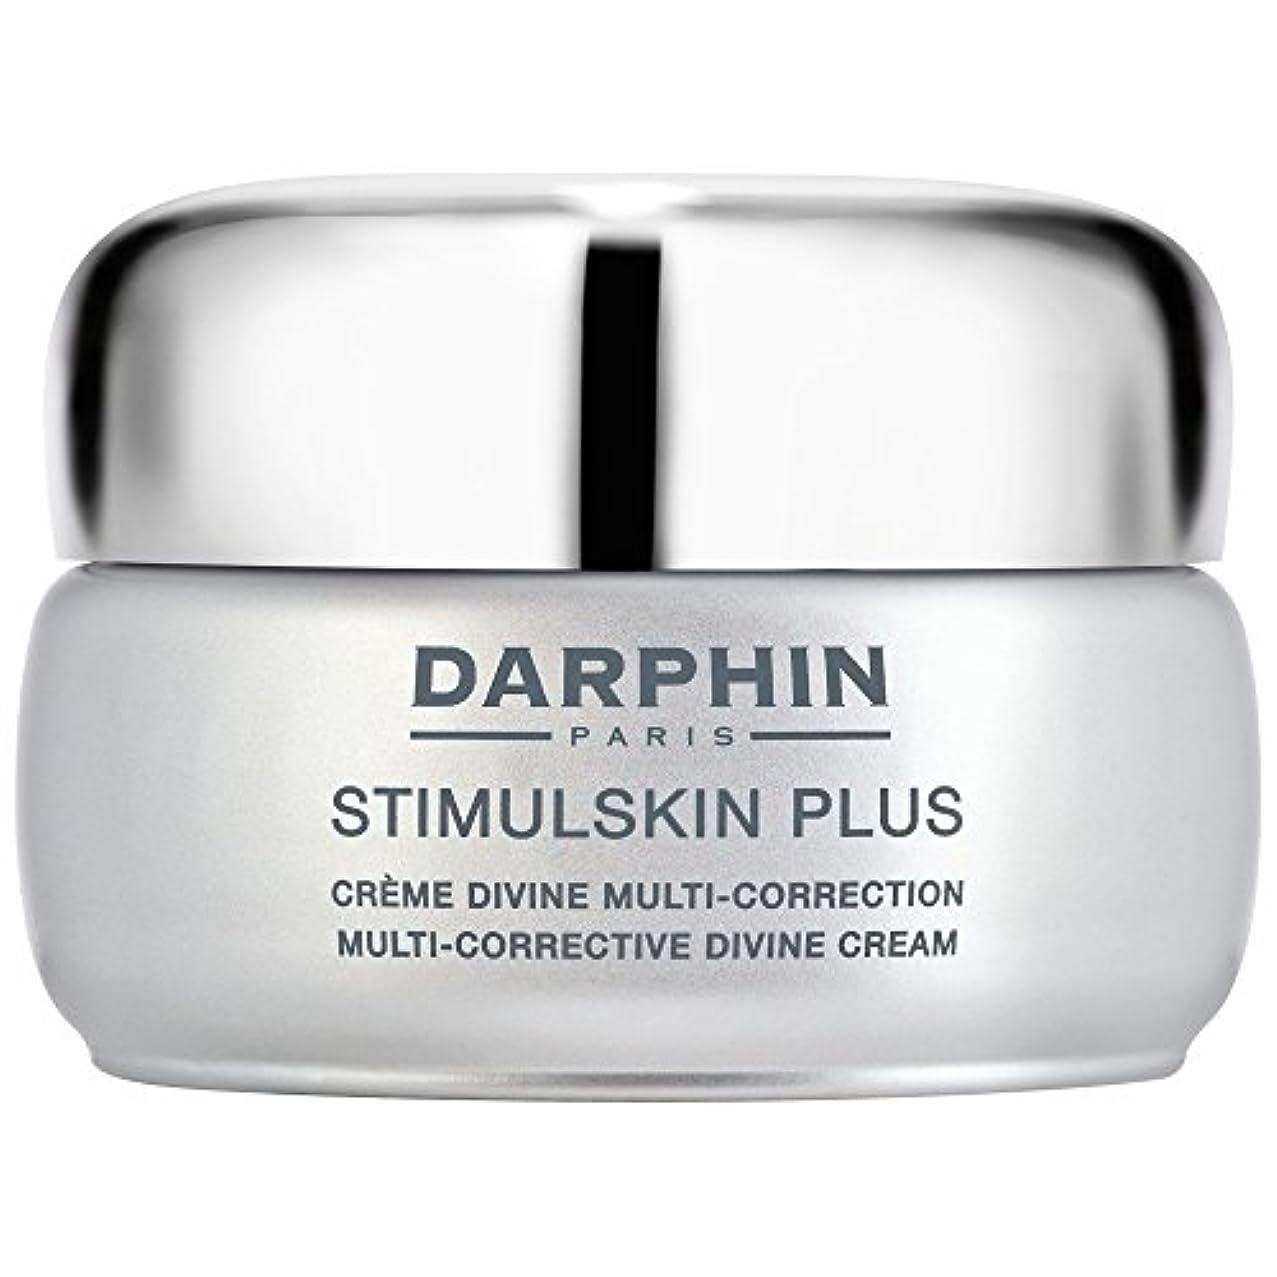 業界理容師飾り羽スティプラスマルチ是正神のクリームダルファン、50ミリリットル (Darphin) (x6) - Darphin Stimulskin Plus Multi-Corrective Divine Cream, 50ml (Pack of 6) [並行輸入品]